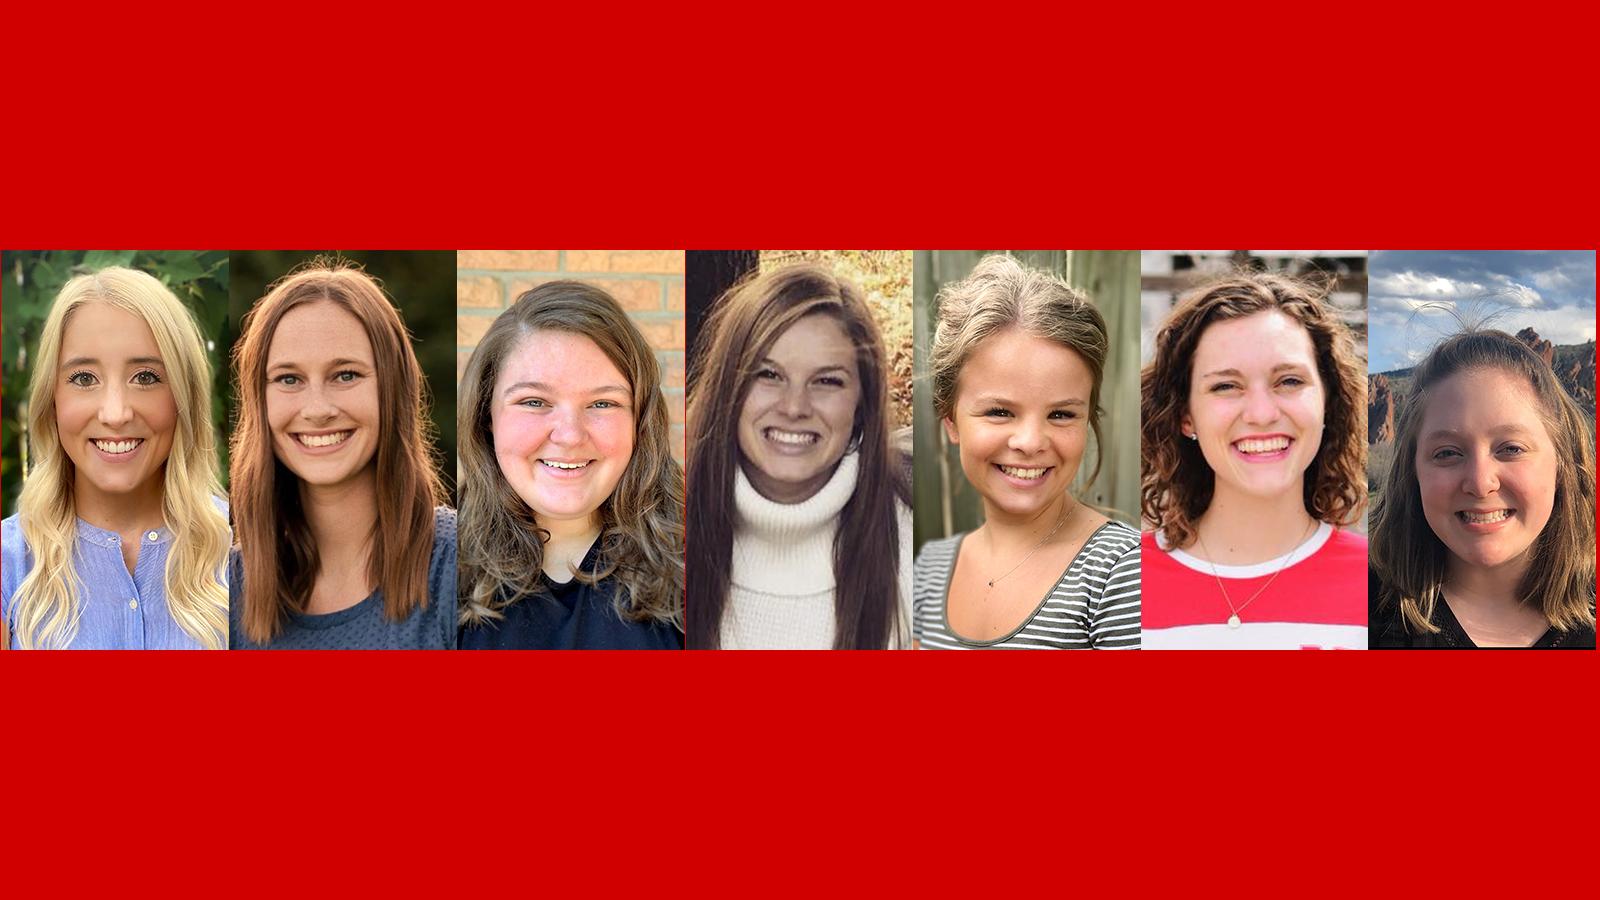 Alyssa Cook, Laura Munk, Anna Plettner-Nelson, Annie Prins, Erin Reynolds, Anna Sunderland, Kelly Woodworth